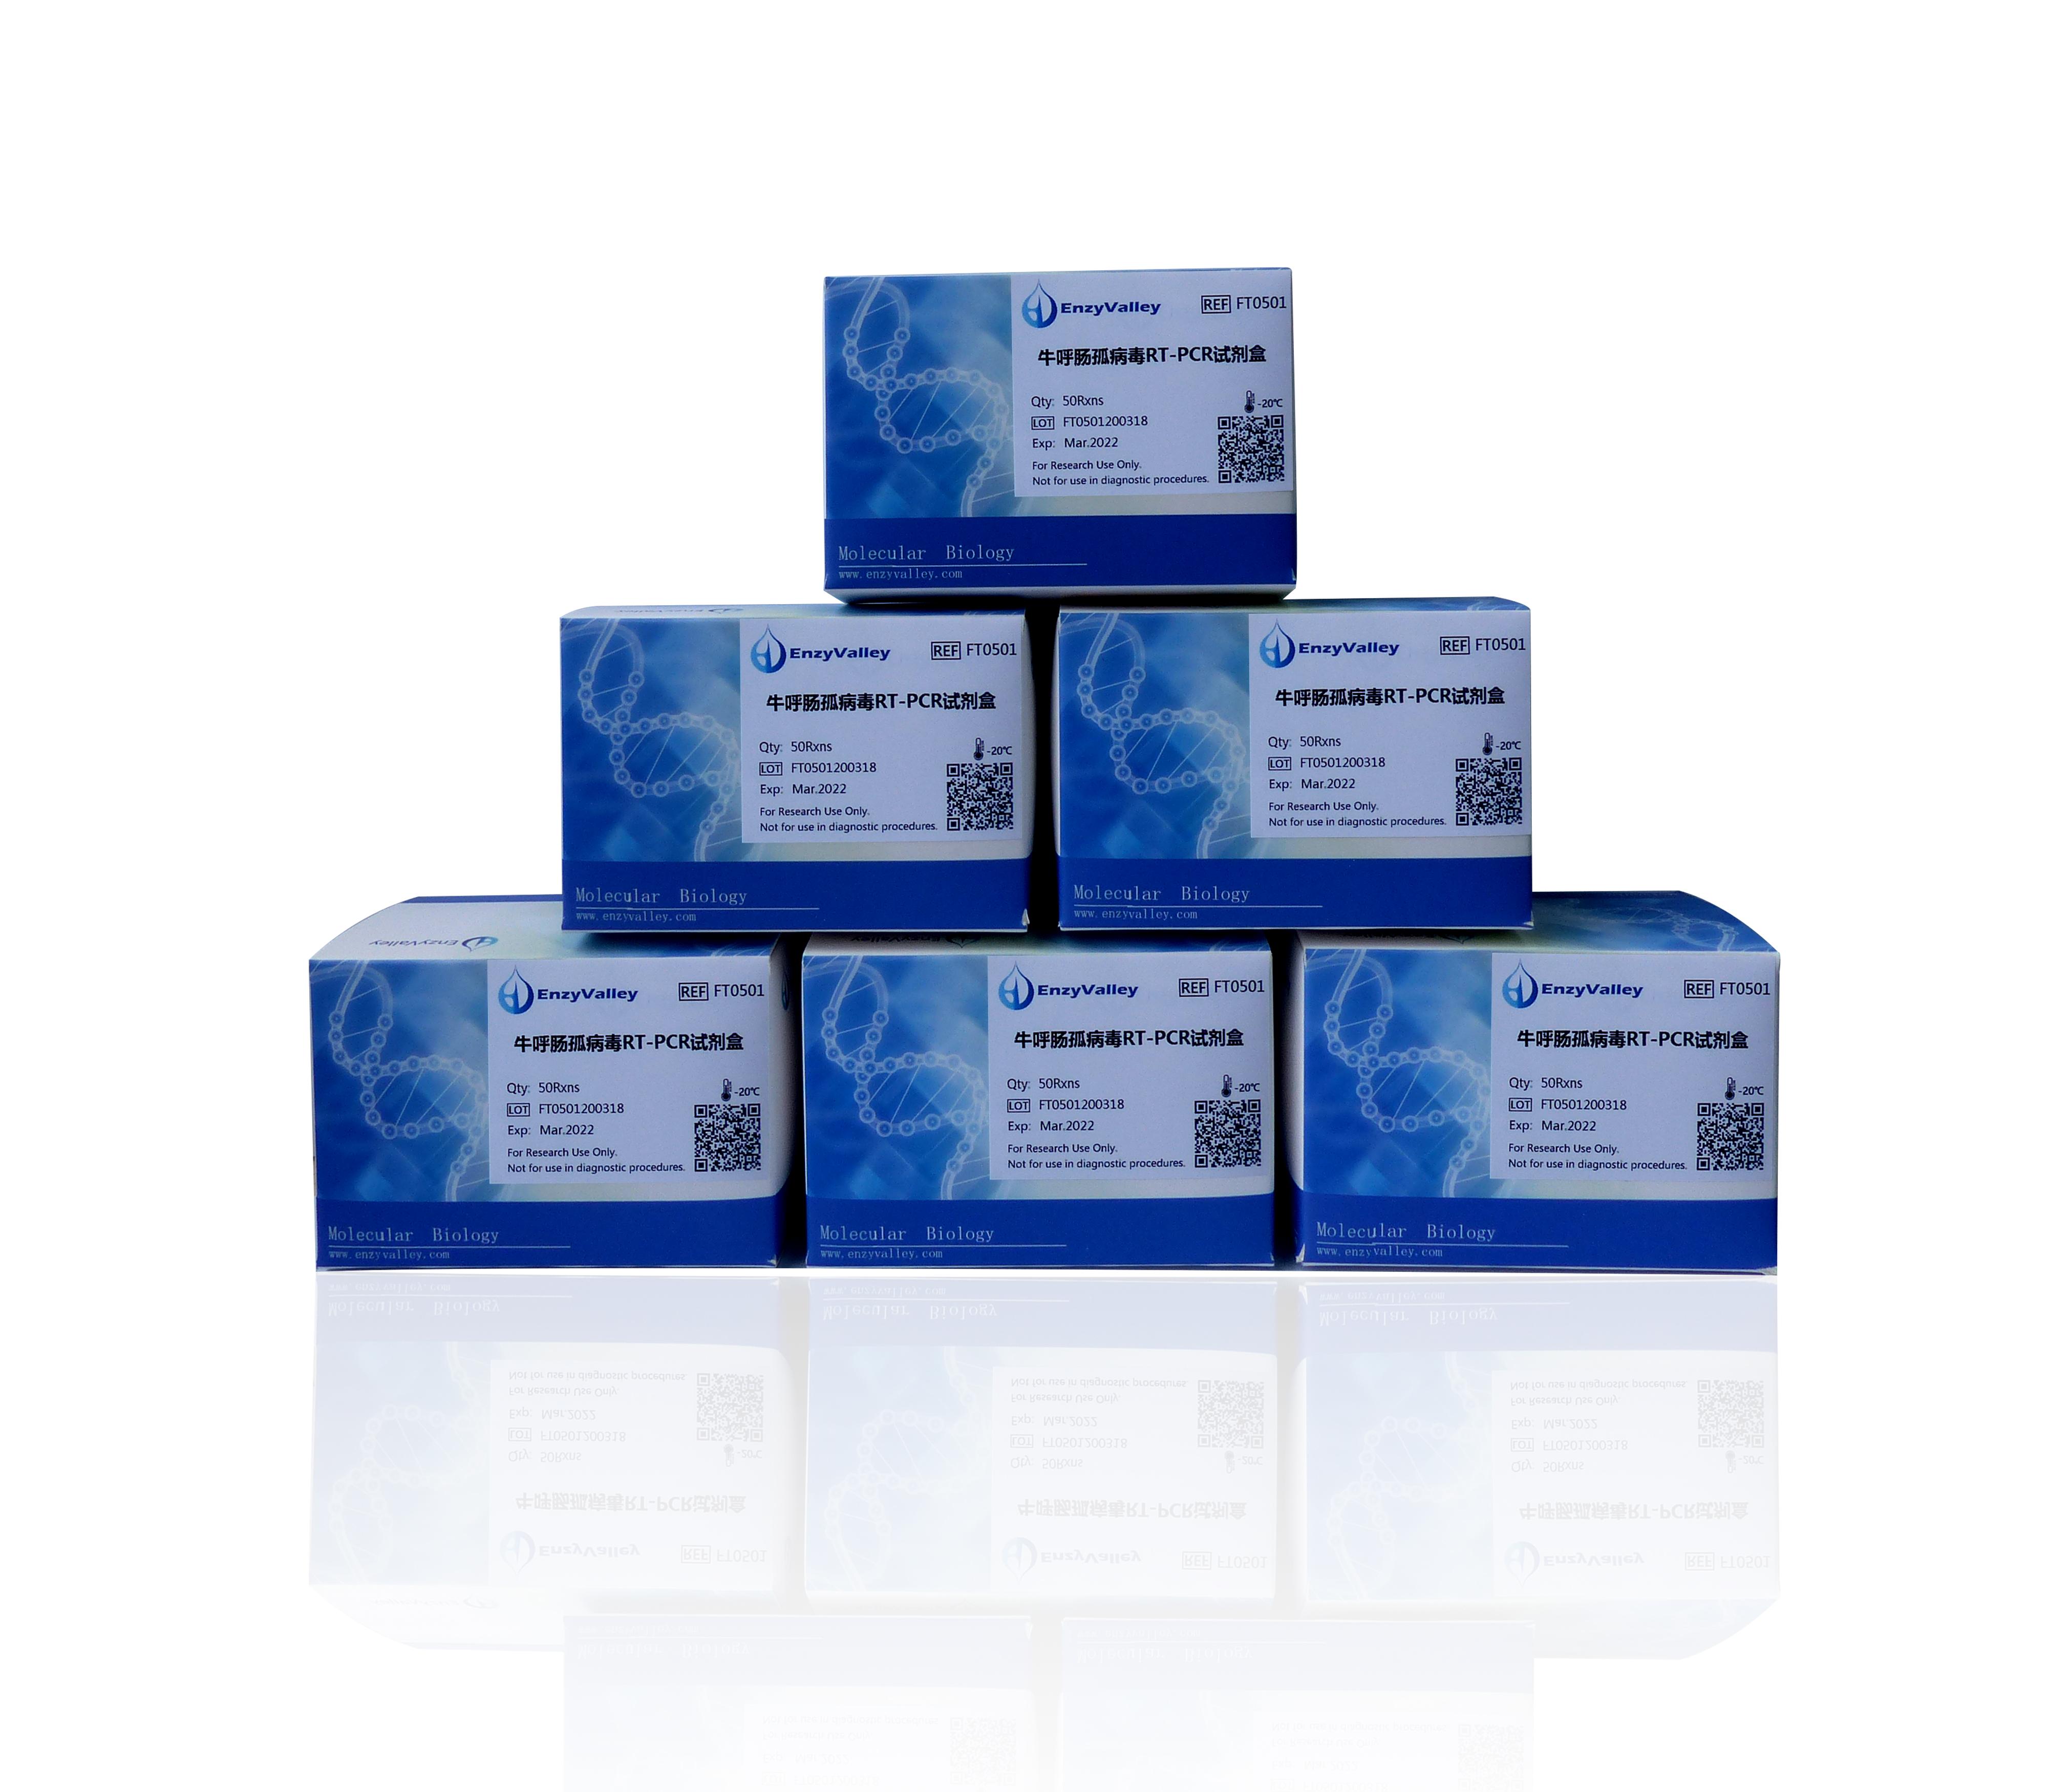 牛呼肠孤病毒RT-PCR试剂盒